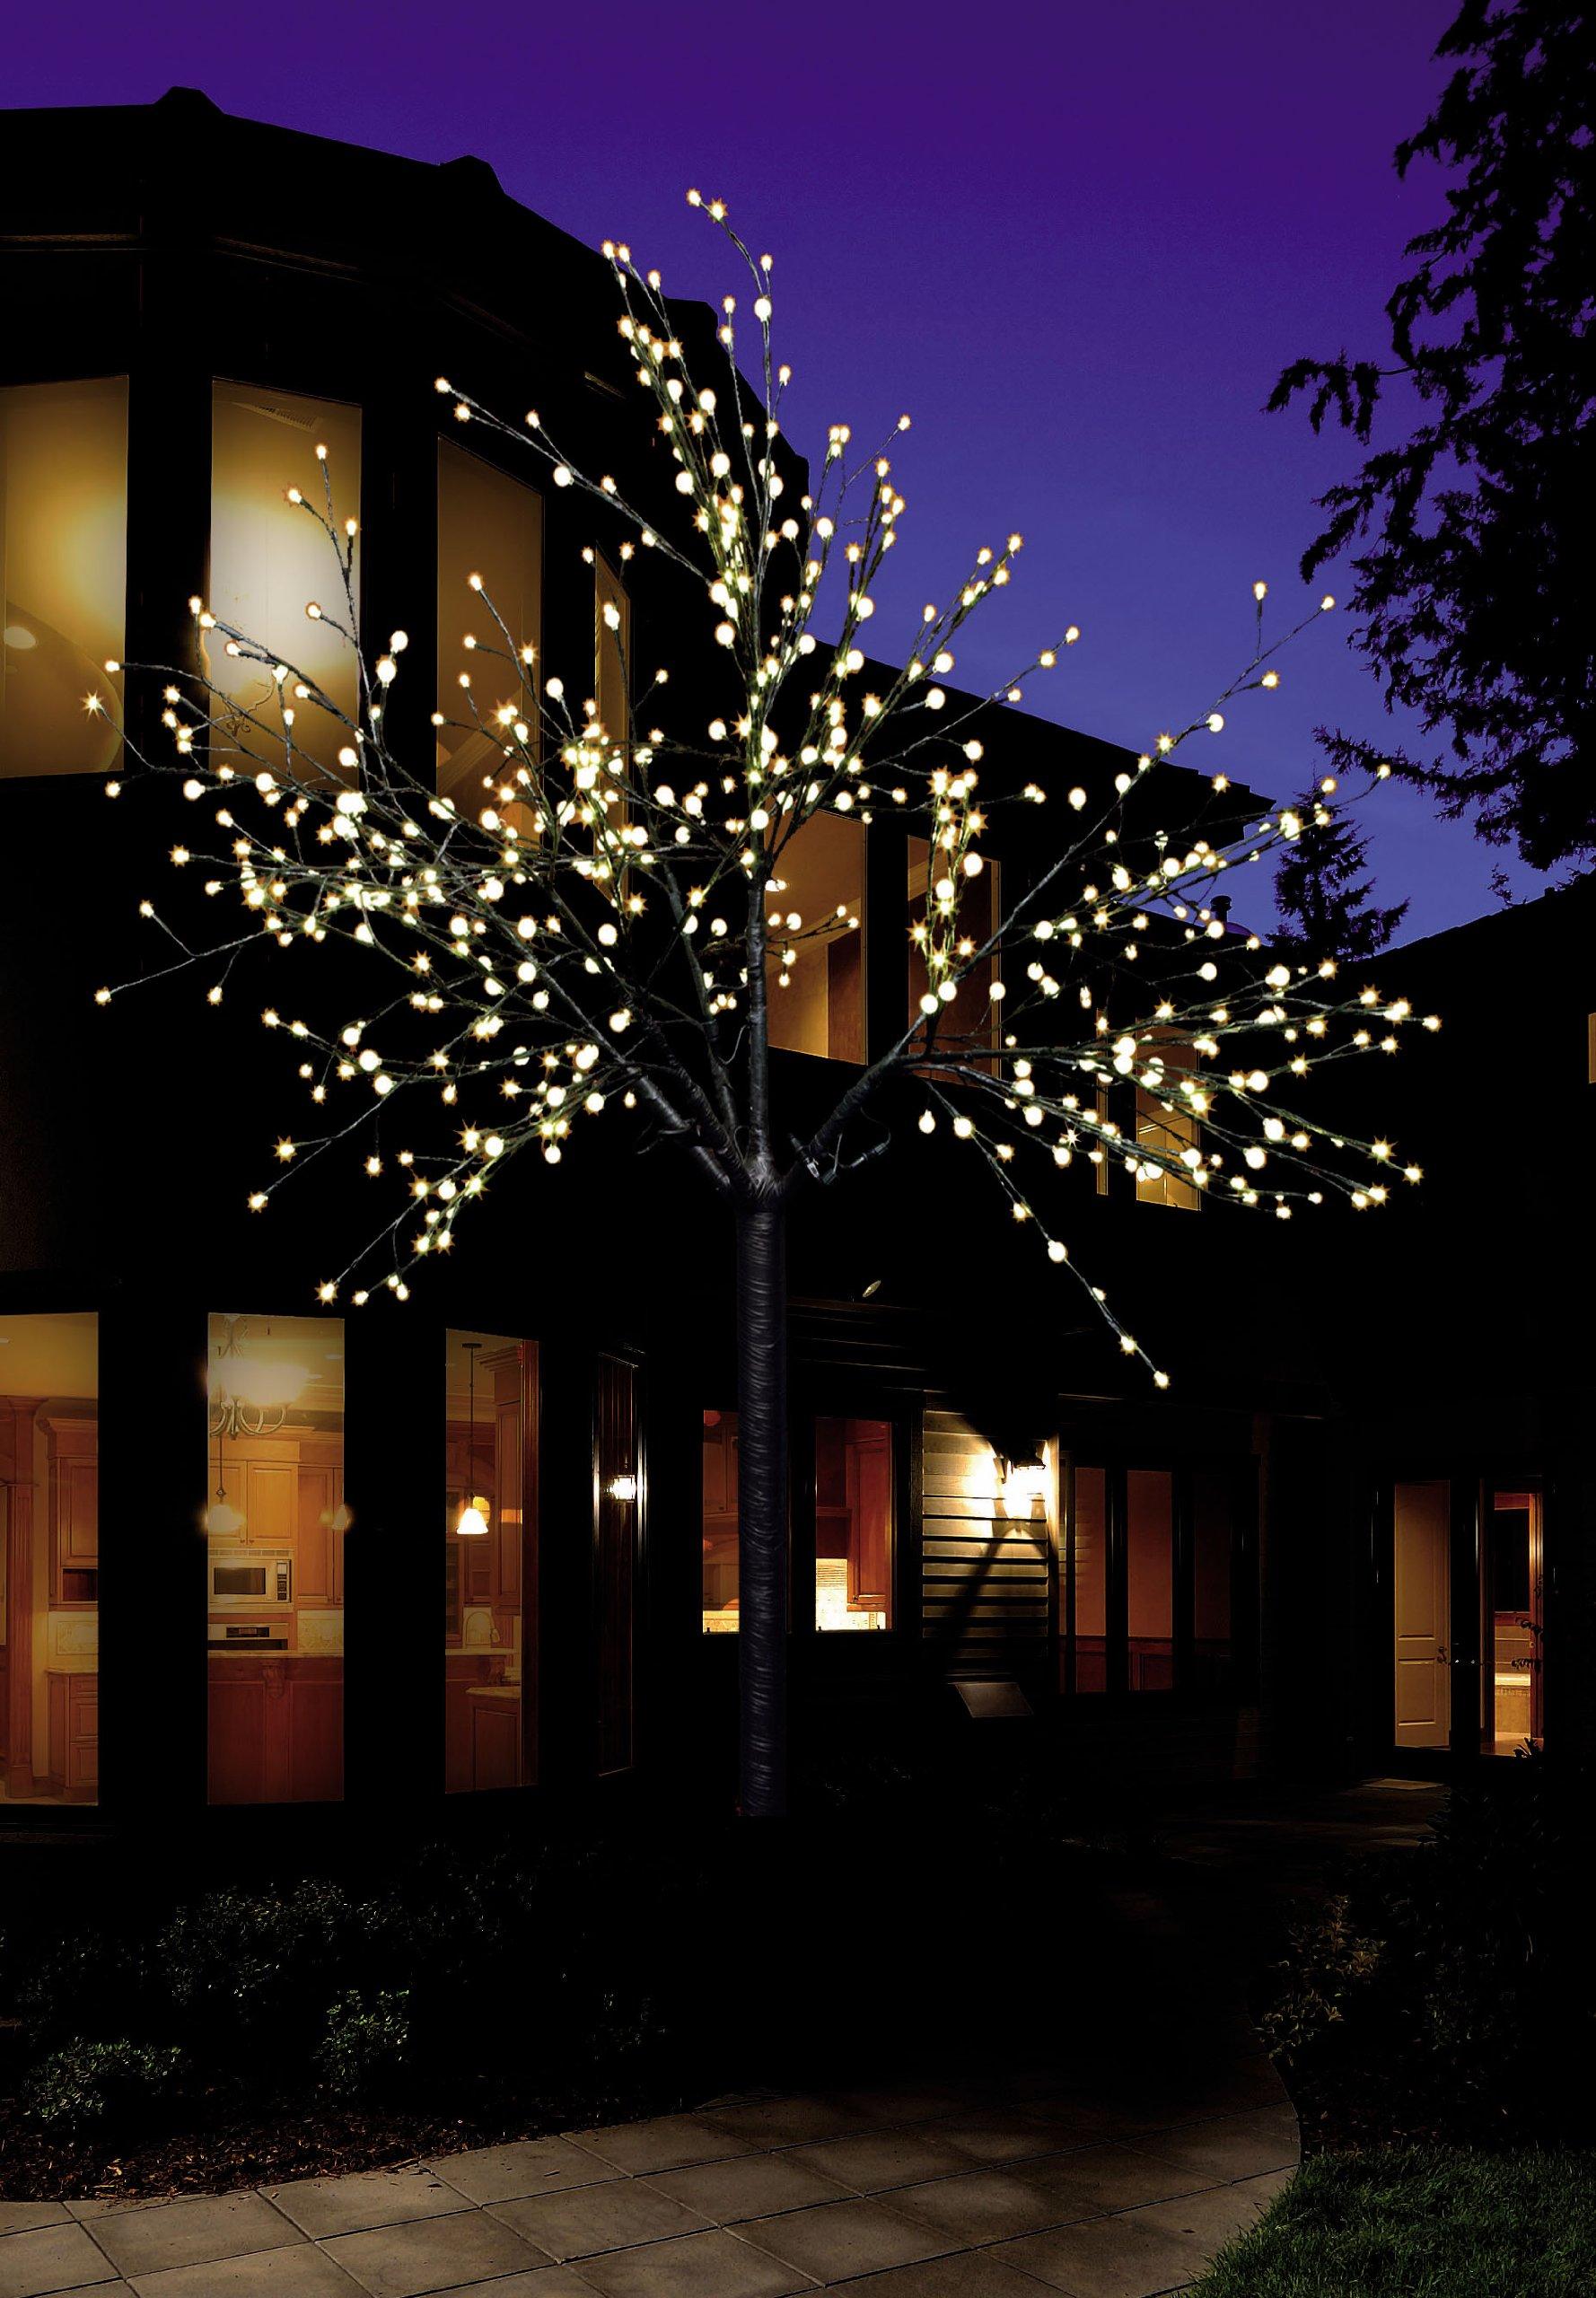 LED-Lichterbaum-mit-500-LEDs-beleuchtet-220-cm-hoch-Warm-Wei-Lichterzweig-Lichterkette-Weihnachtsbaum-LED-Baum-fr-Innen-und-Auen